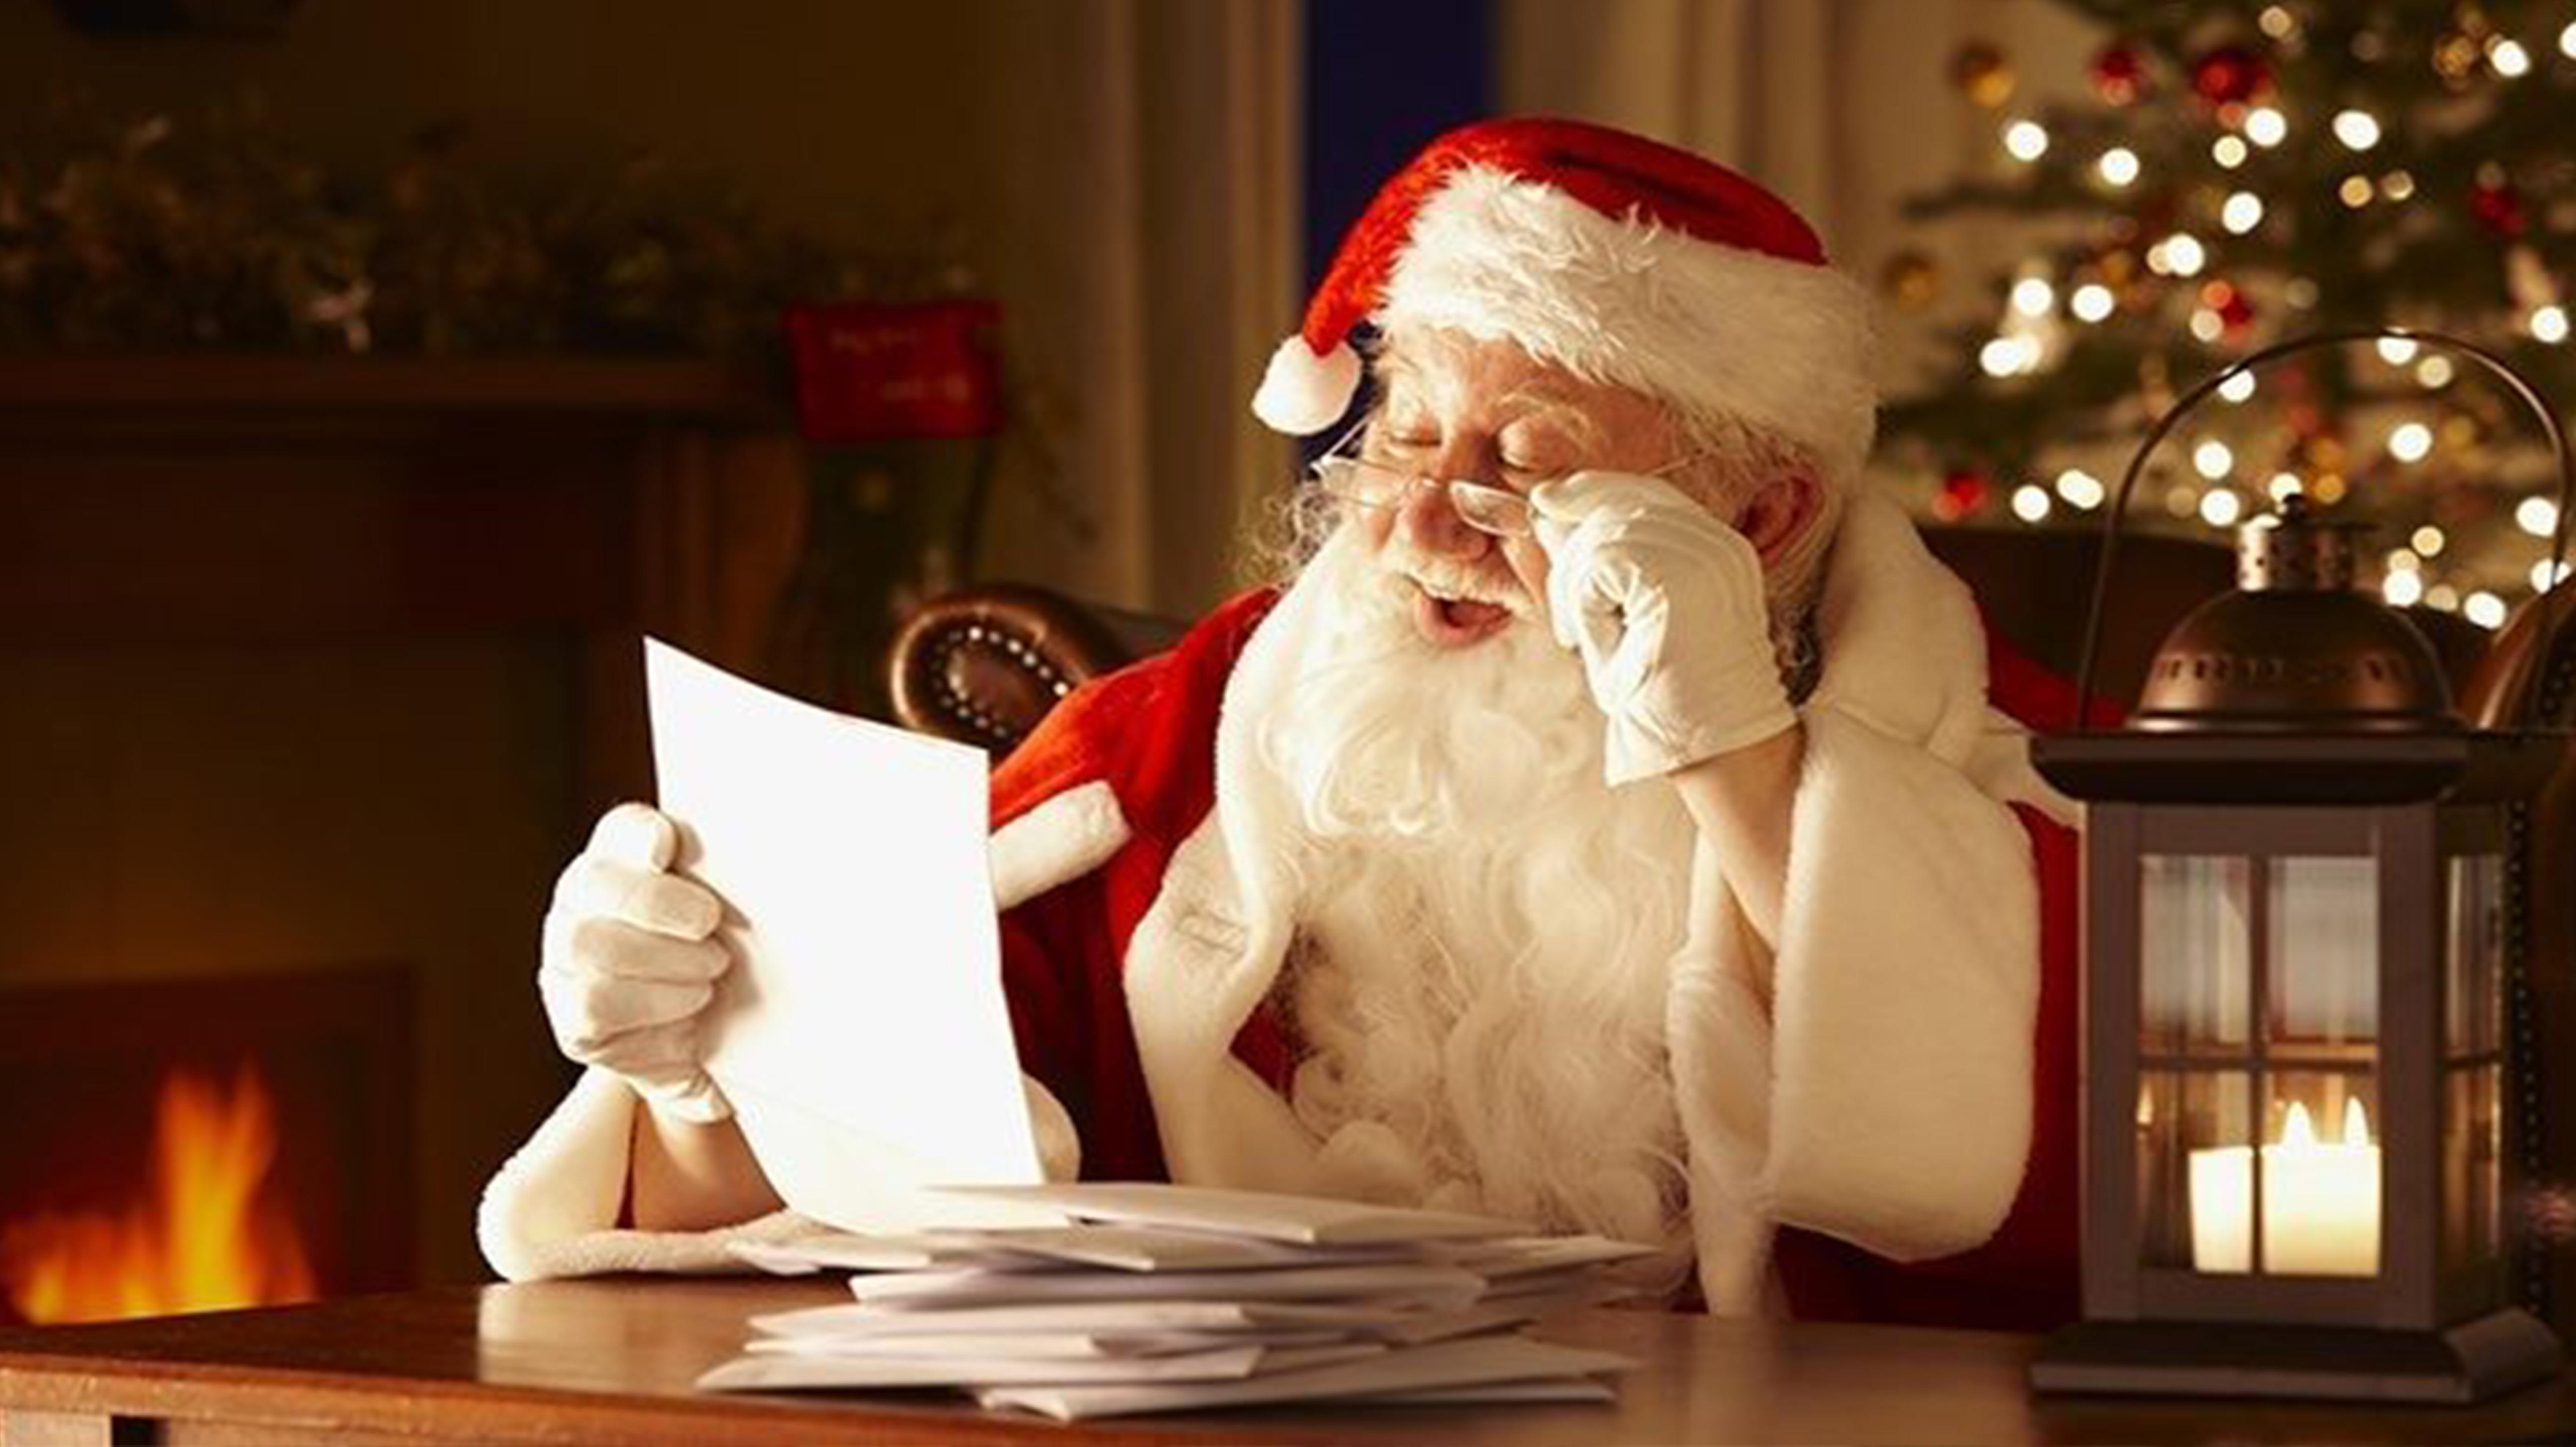 Weihnachtsmann-Brief1